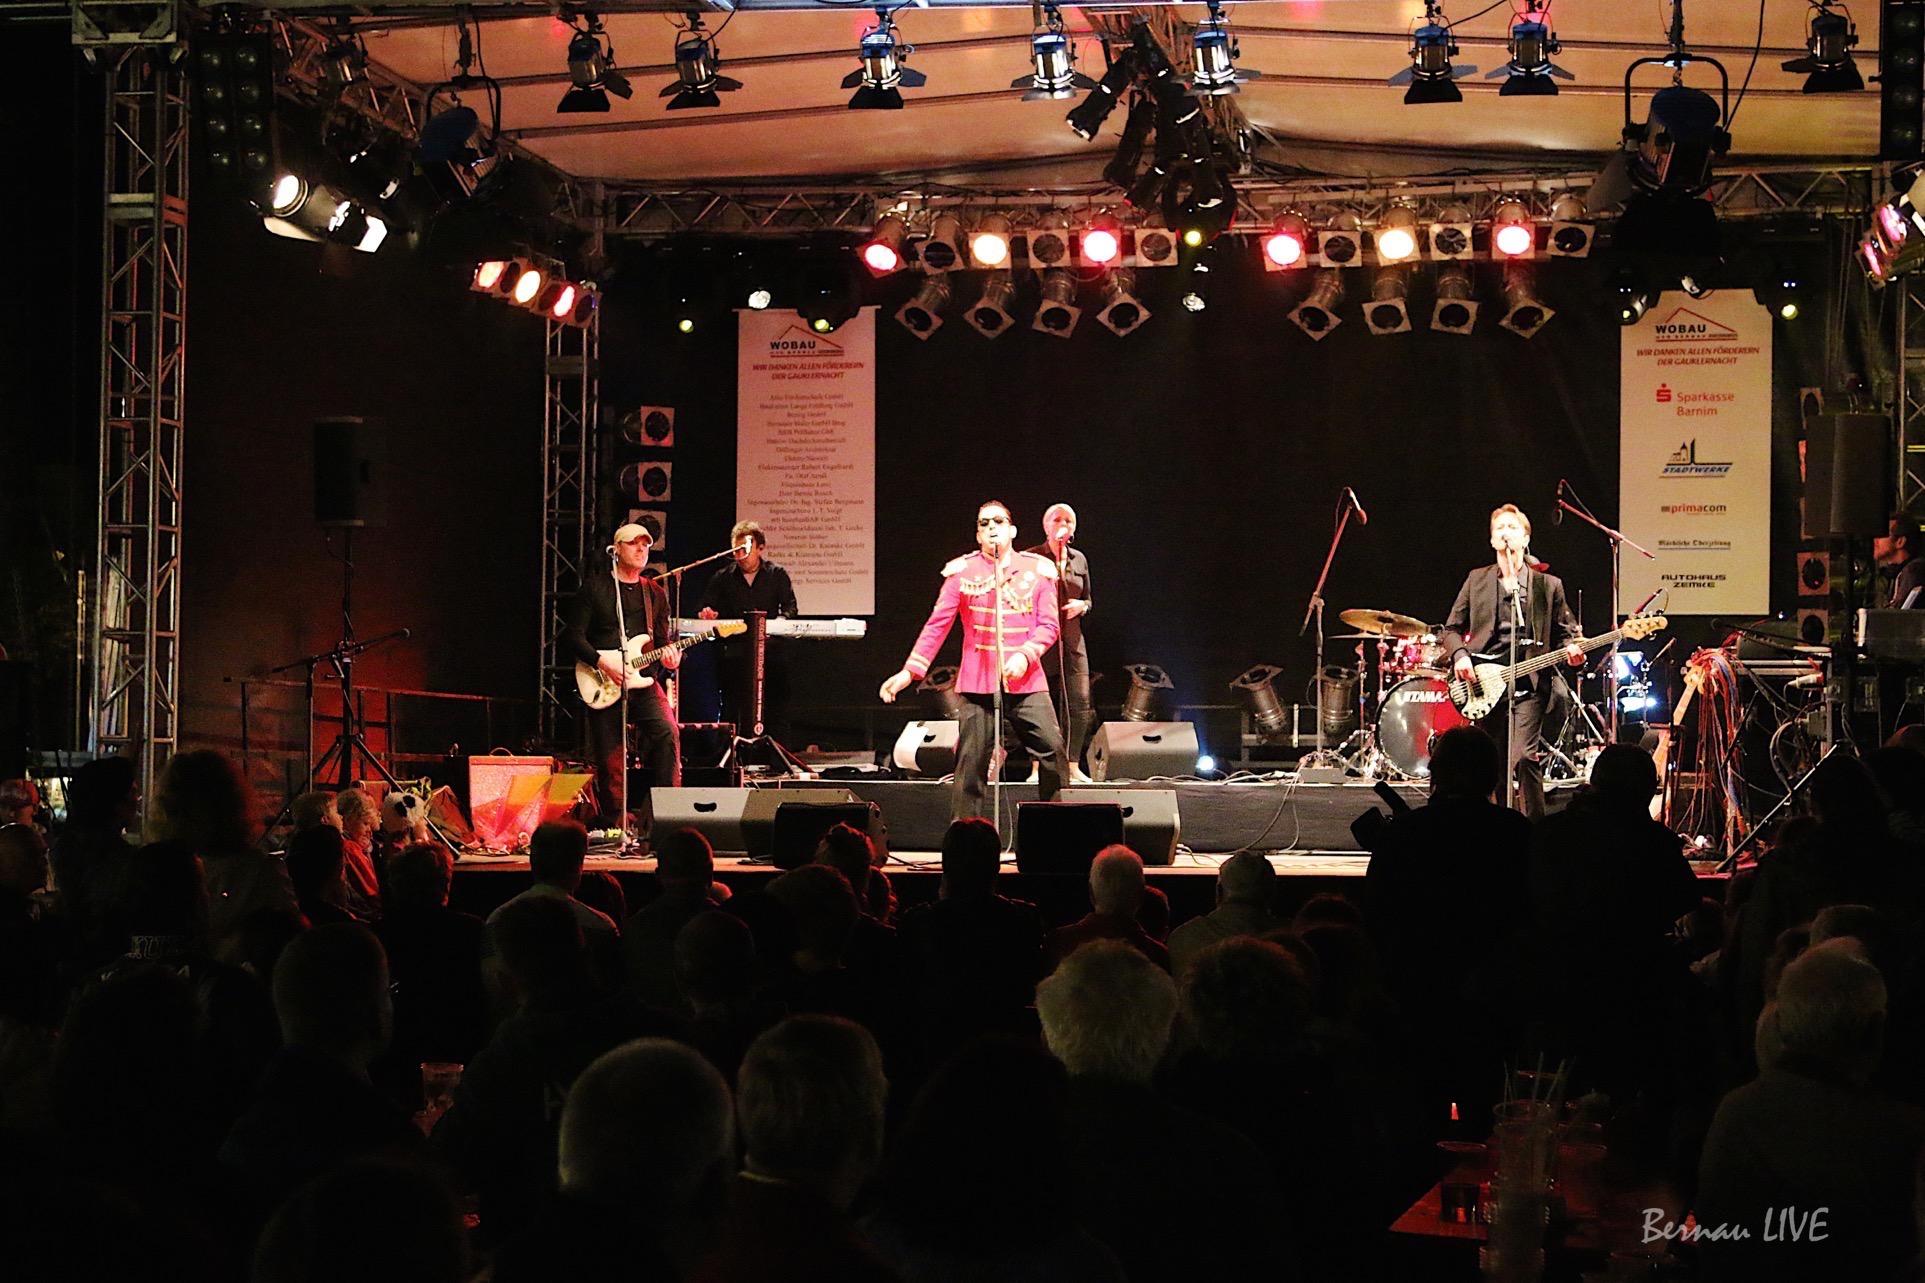 Mit Falco in die Nacht - LIVE vom 8. Gauklerfest in Bernau